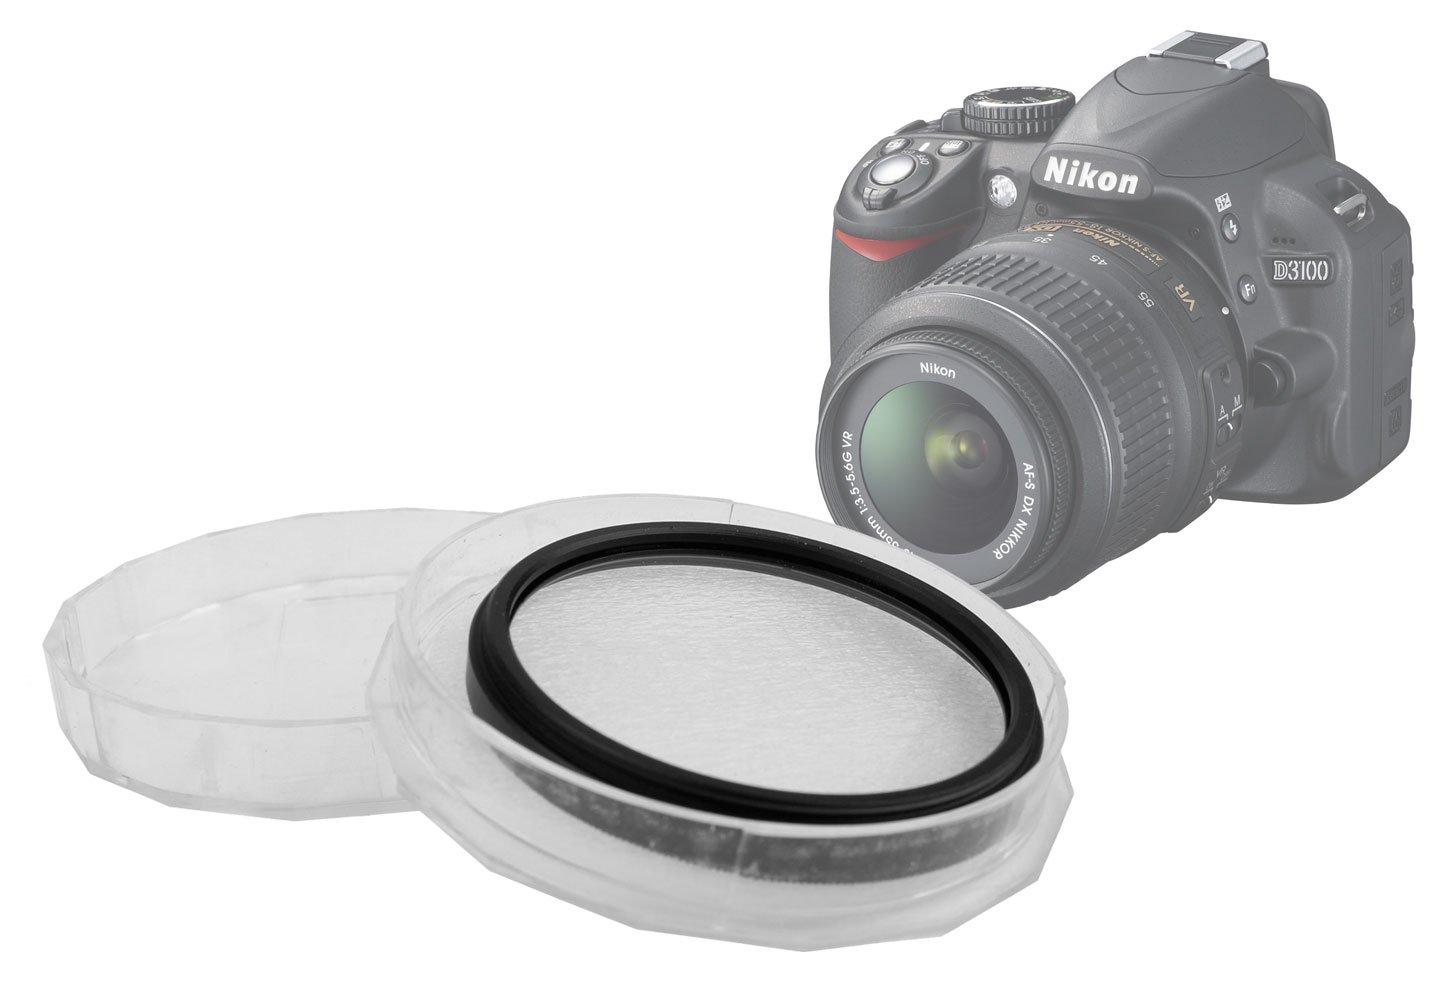 DURAGADGET Filtro Ultravioleta UV De 52 mm Color Neutro + Estuche Protector para Nikon D3100: Amazon.es: Electrónica